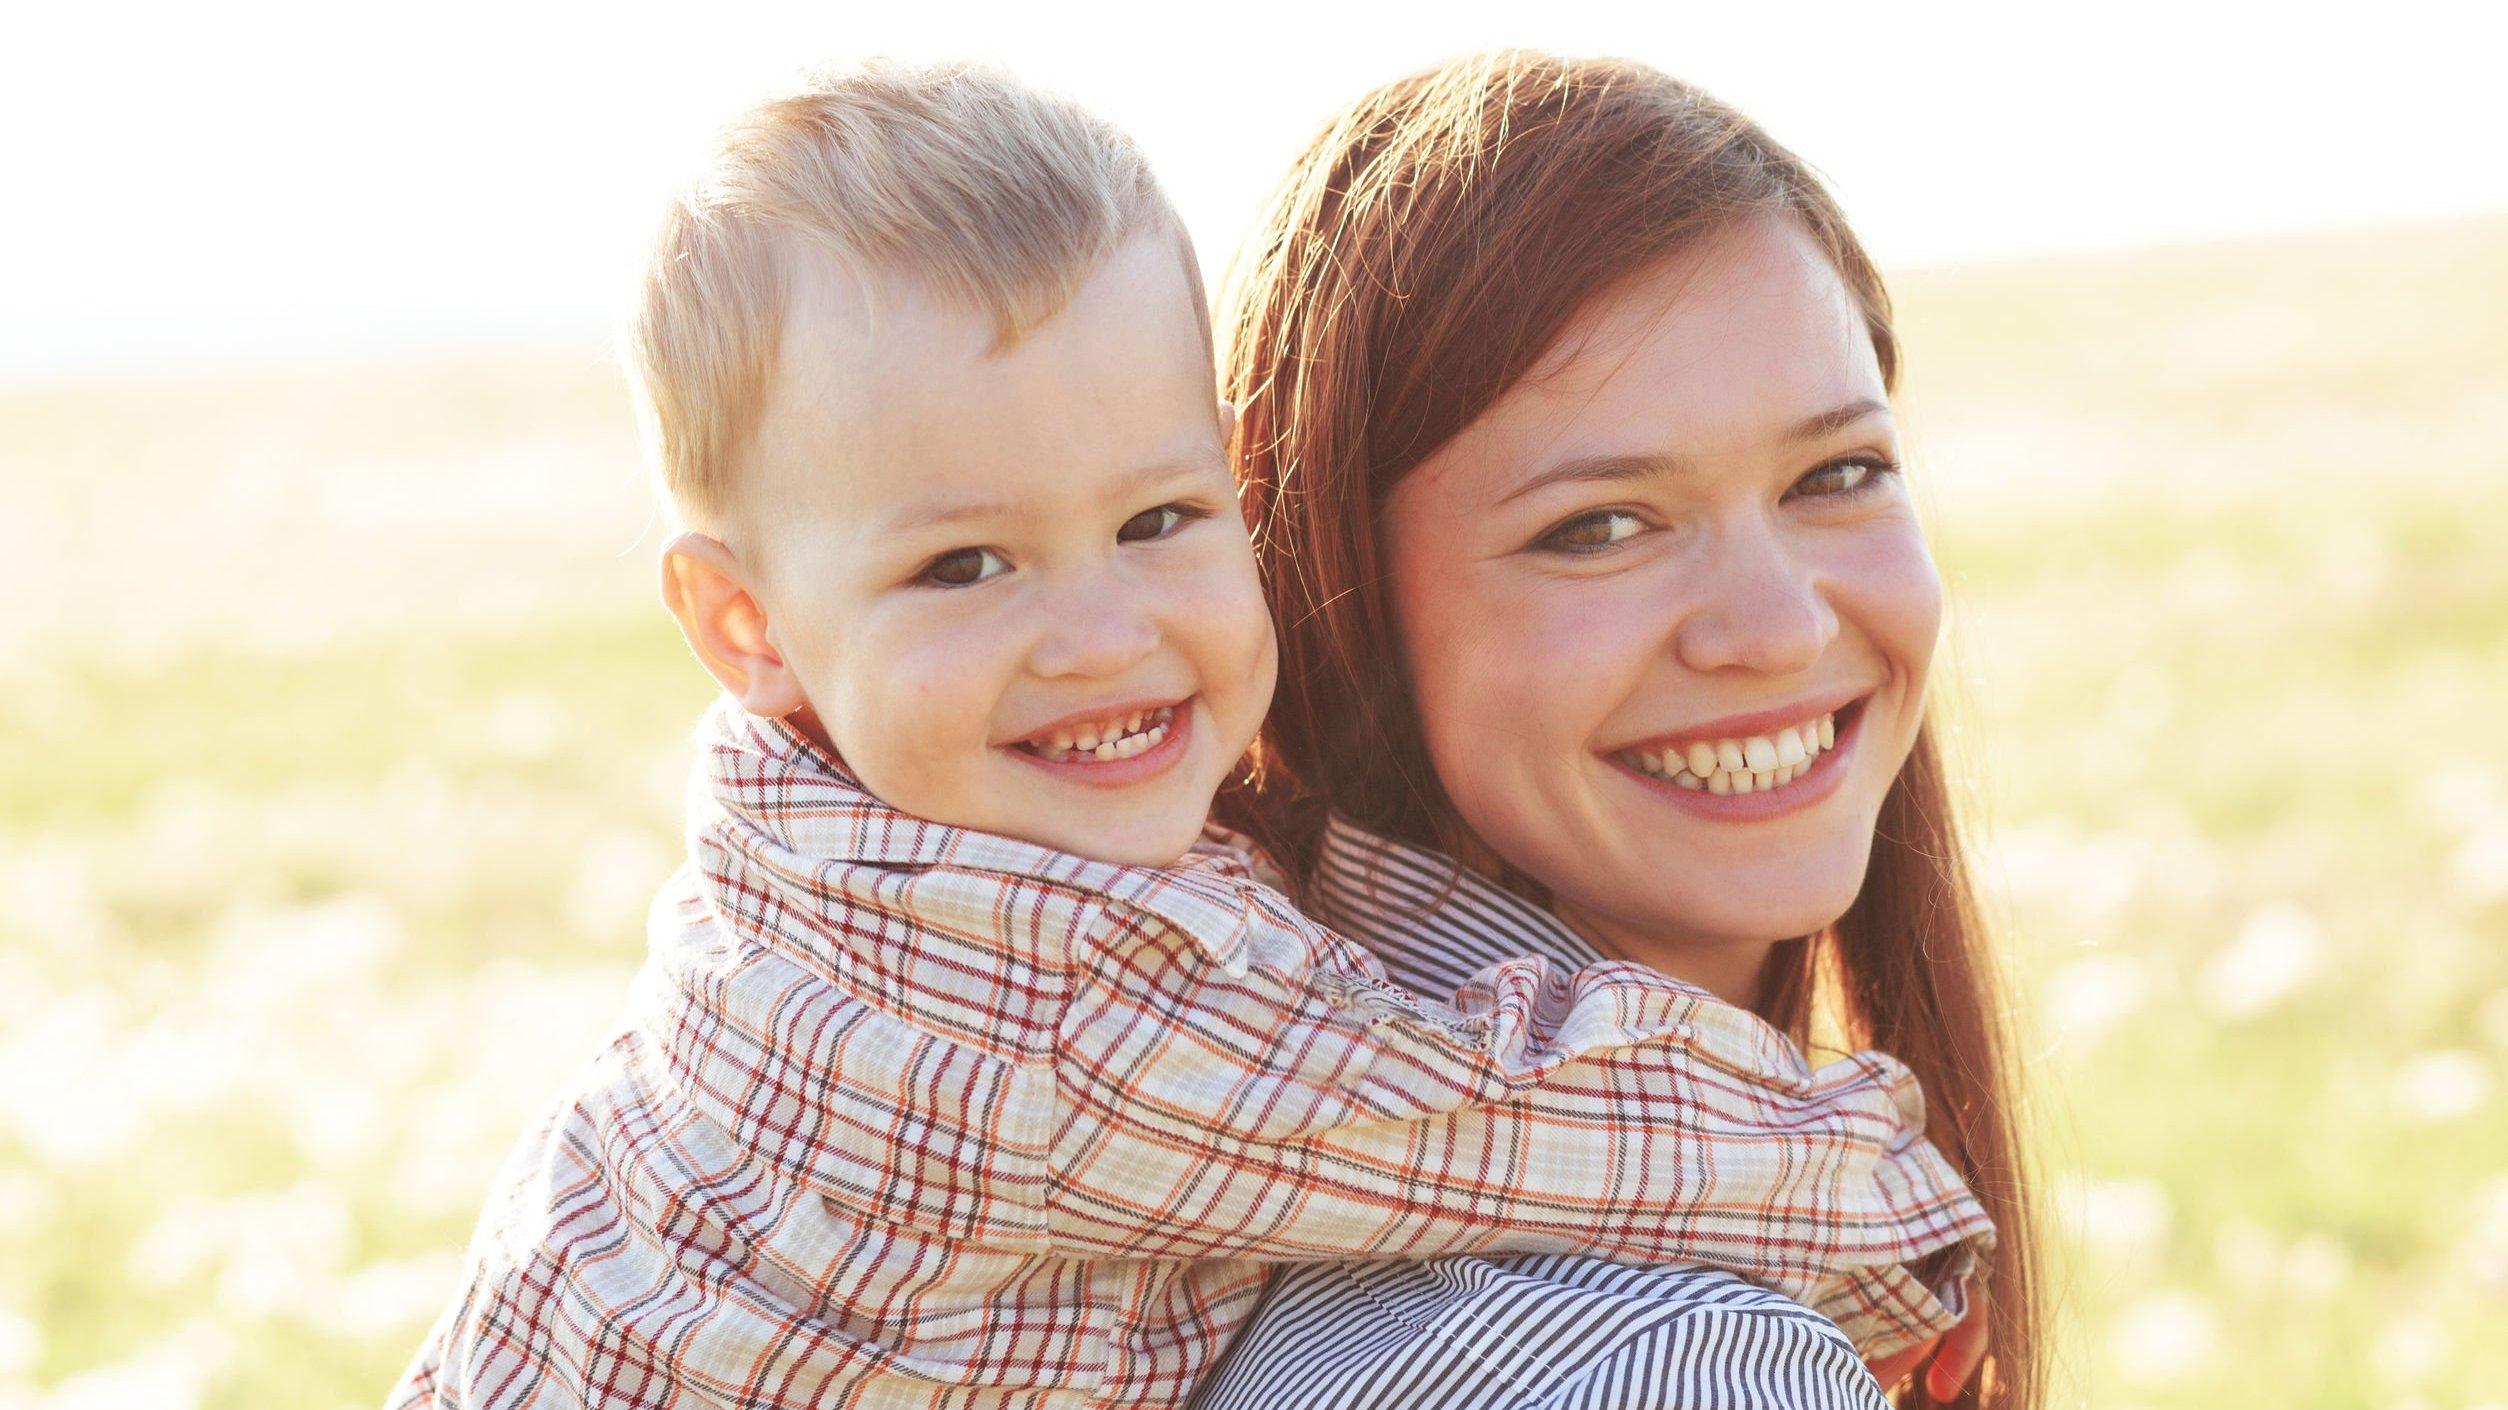 Mulher carregando menino em suas costas, que a abraça no pescoço. Ambos sorriem para a câmera.